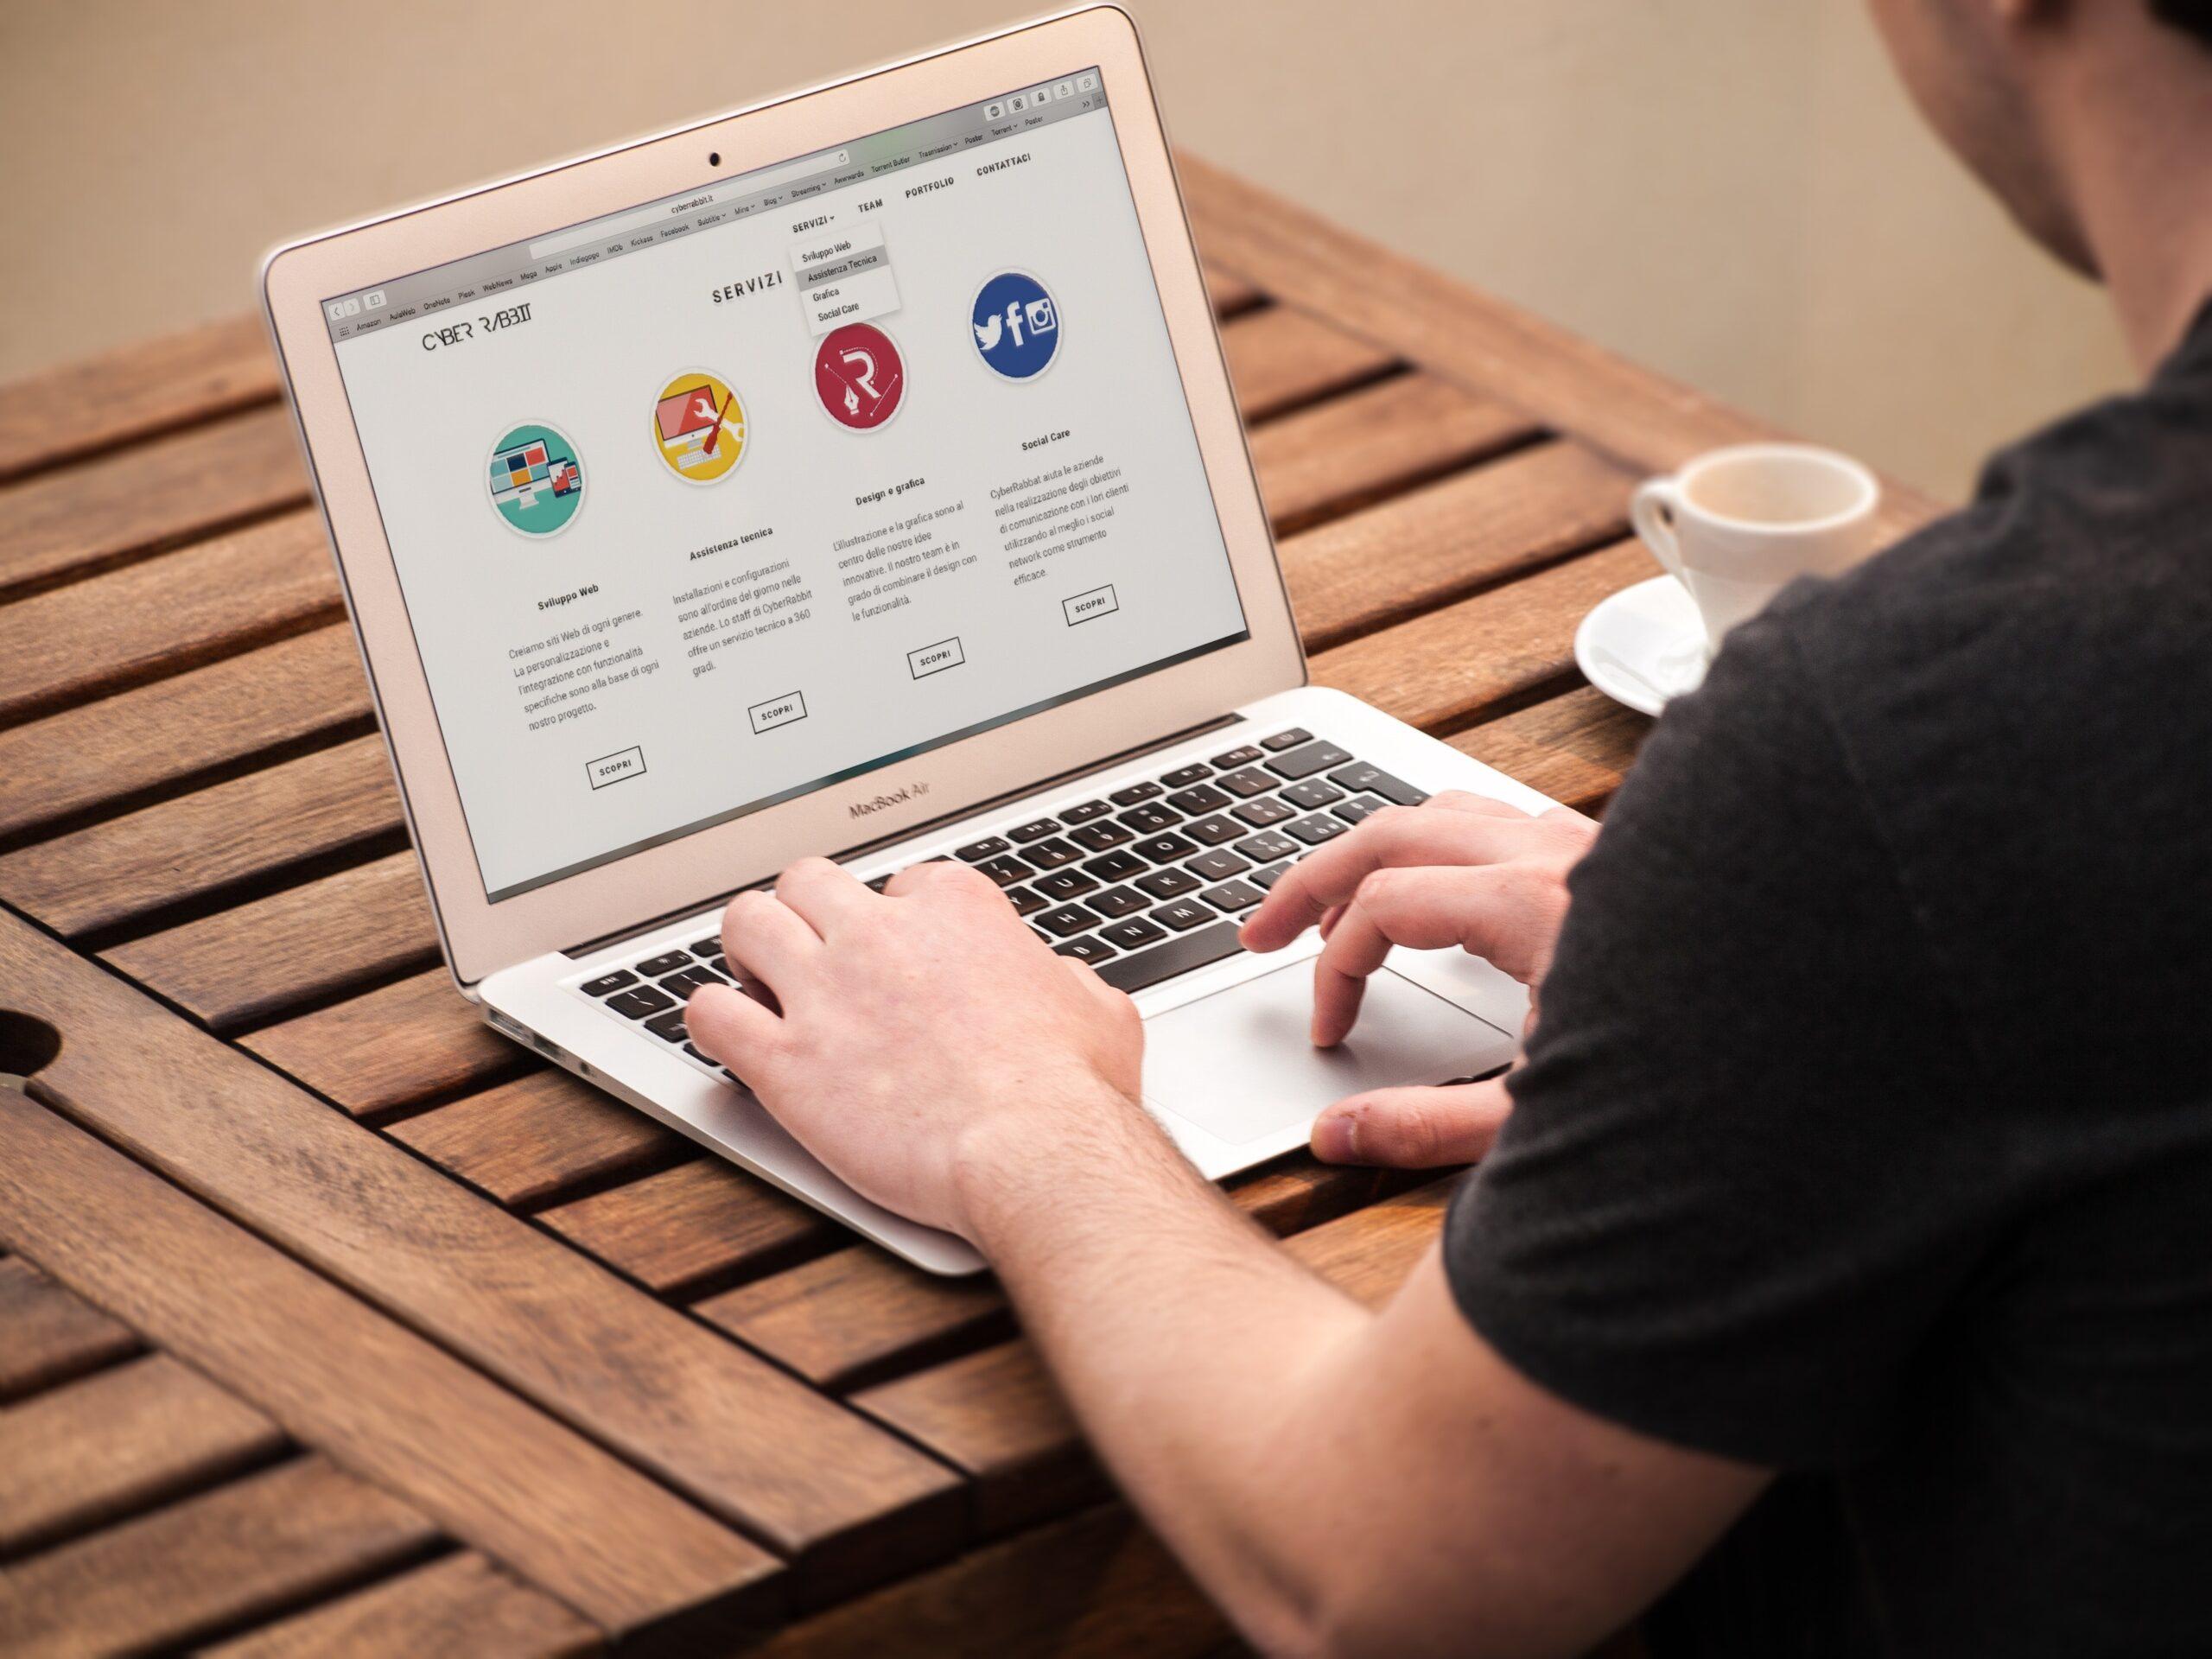 Pozycjonowanie sklepów w wyszukiwarkach: co trzeba o tym wiedzieć?